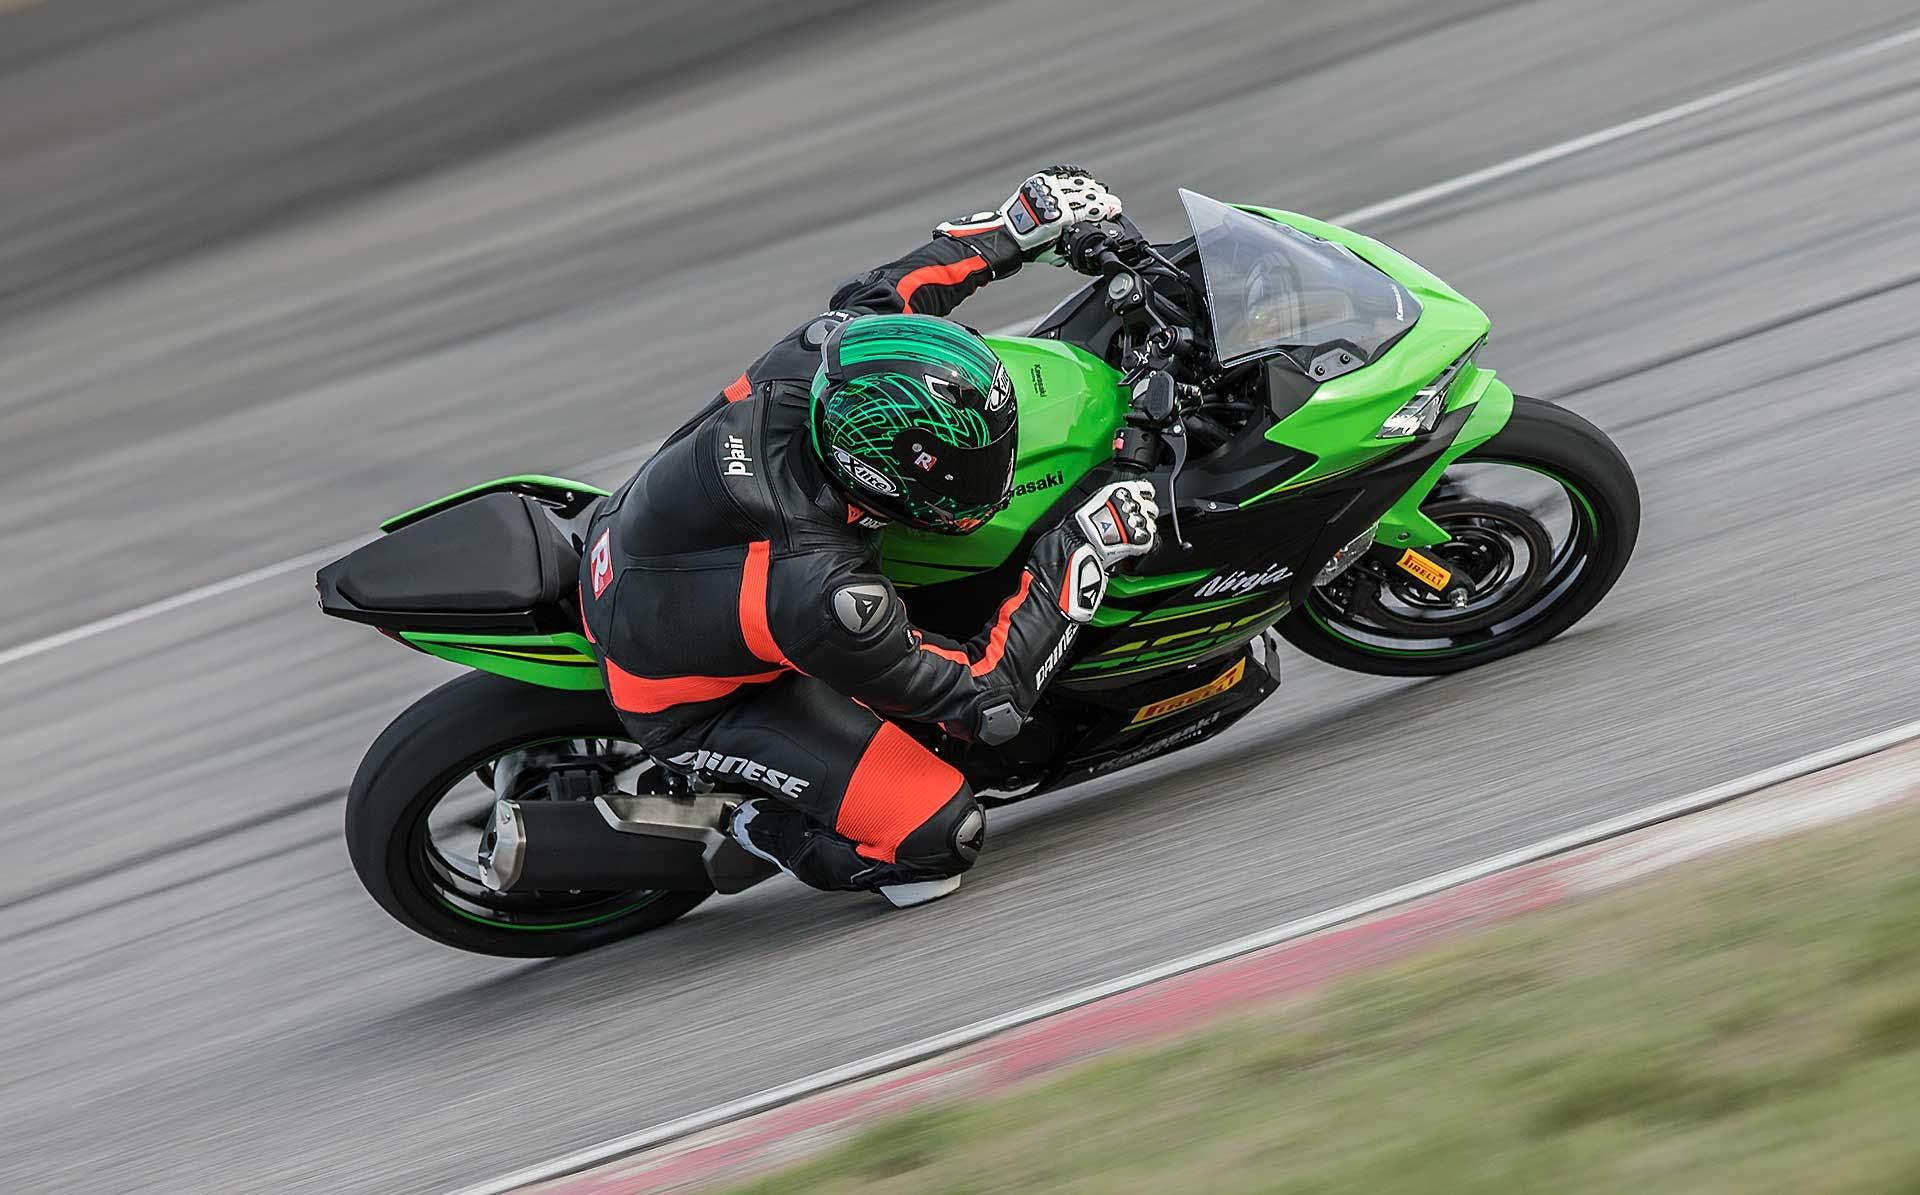 Kawasaki Ninja 400 verde movimento pista